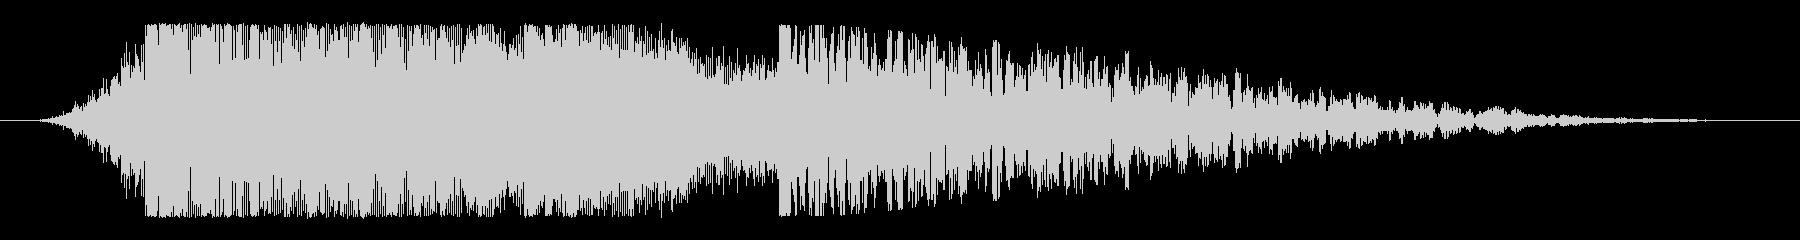 強烈なスピン!インパクトある映像ロゴ向けの未再生の波形